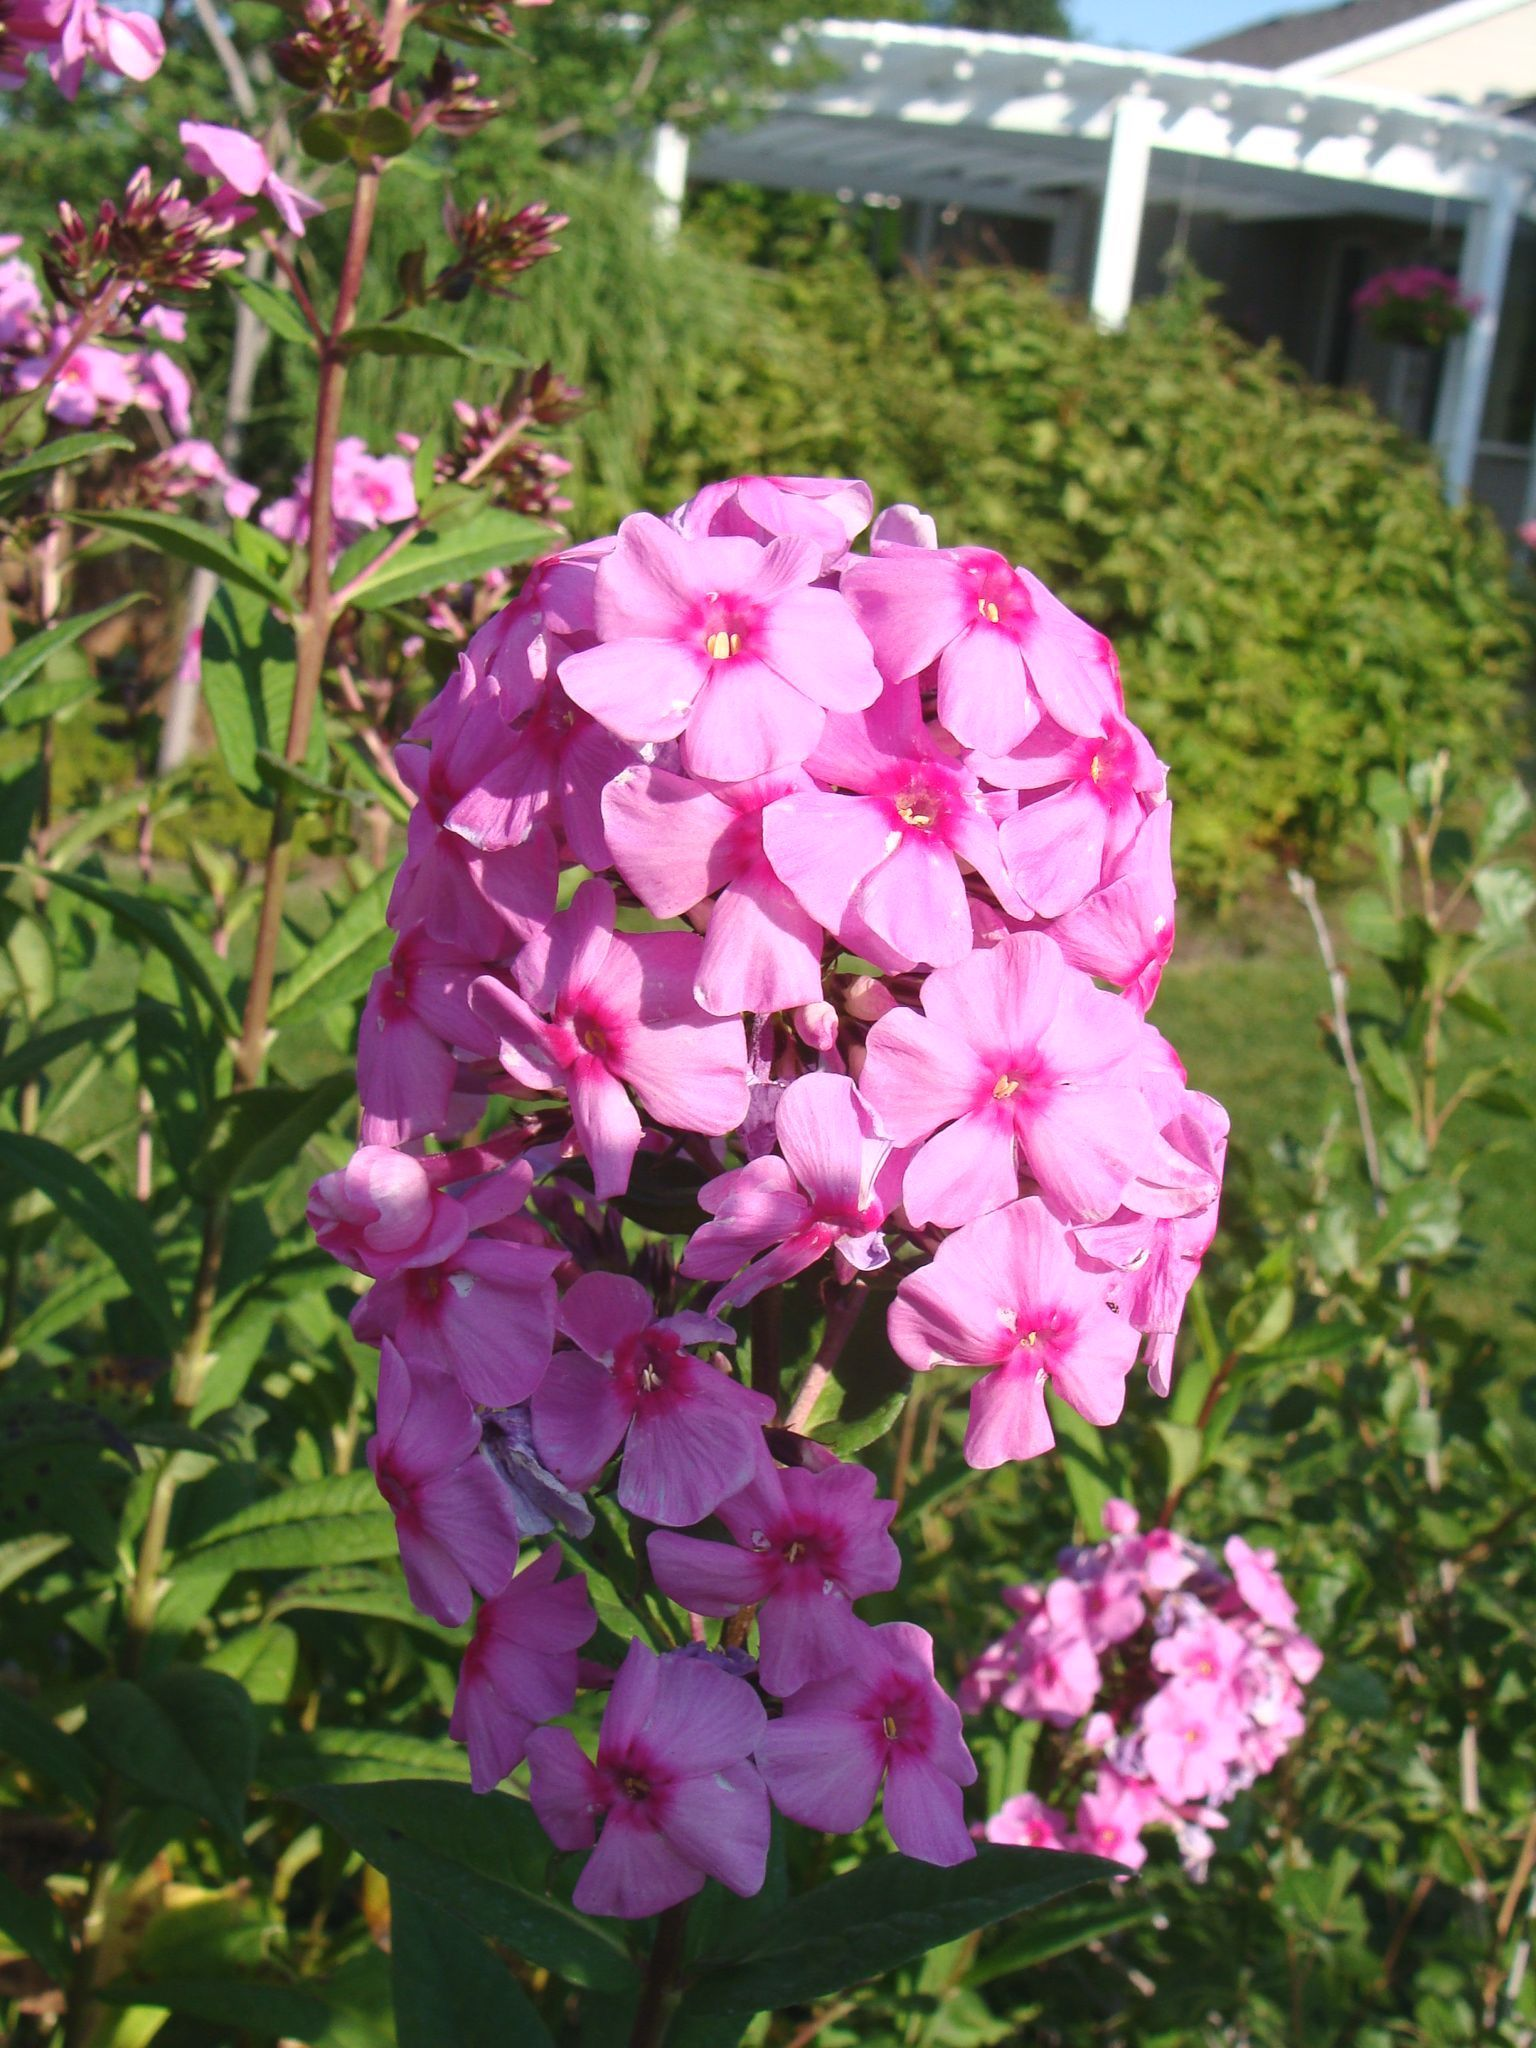 Phlox Good Cut Flower Not The Easiest Flower To Grow In Utah